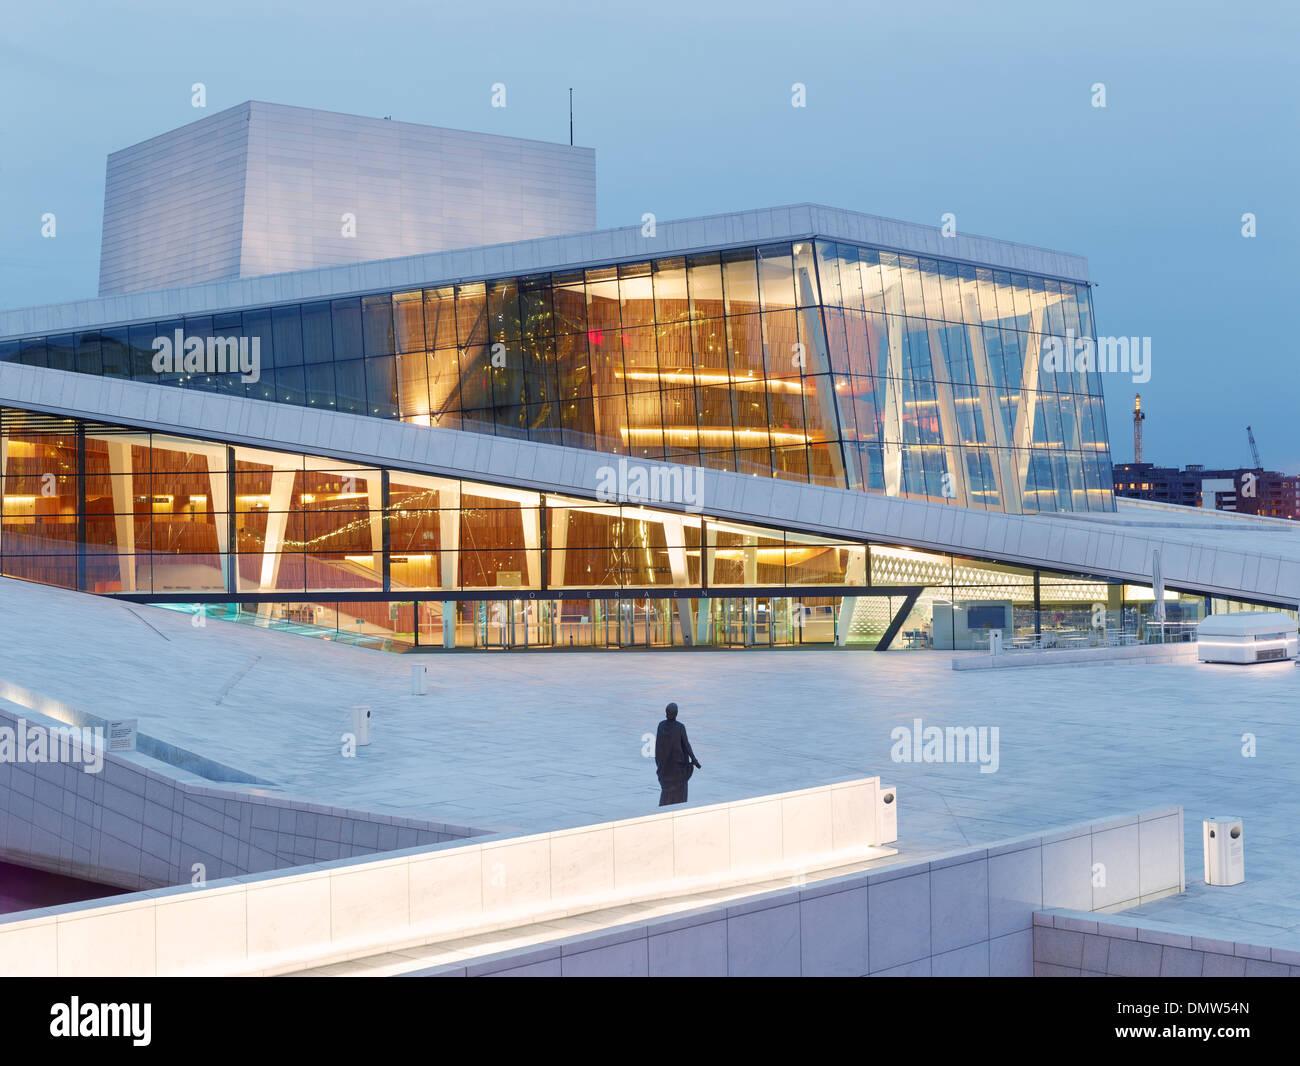 Operahuset, Oslo Opera House, Oslo, Oslo County, Eastern Norway, Norway - Stock Image